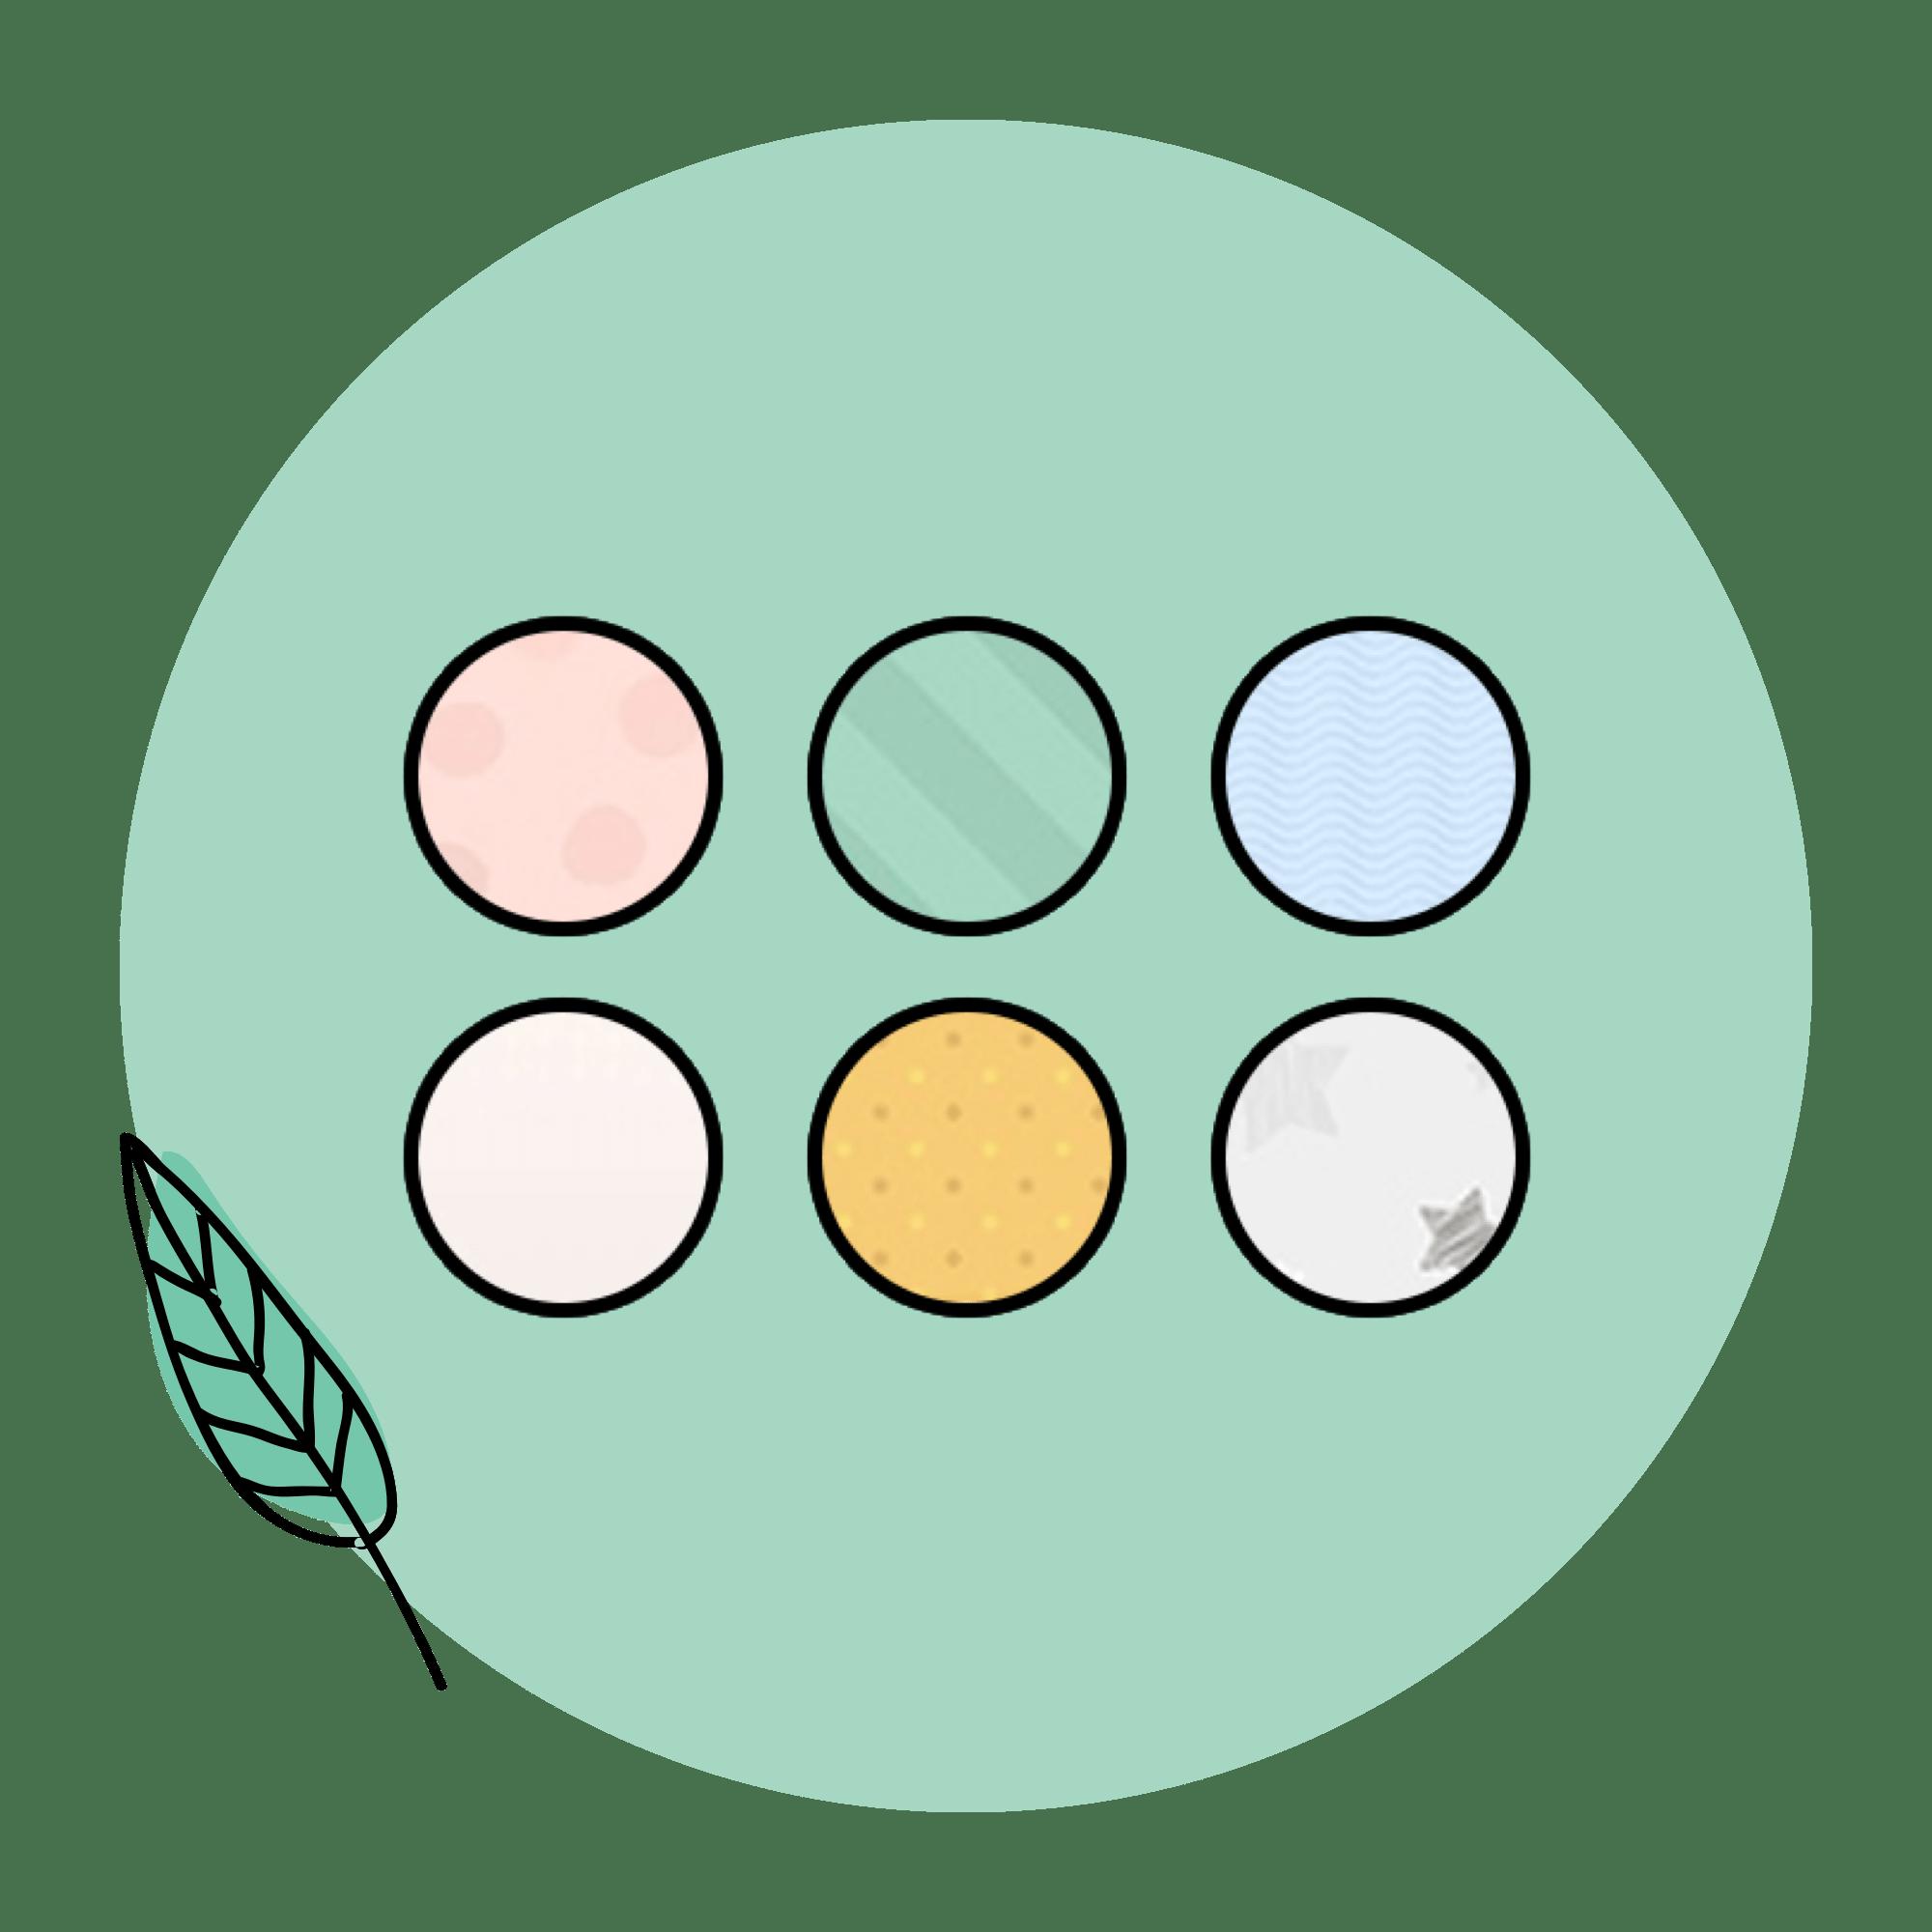 sechs Kreise mit den Farben rosa, grün, blau, champagner, weiß und gelb